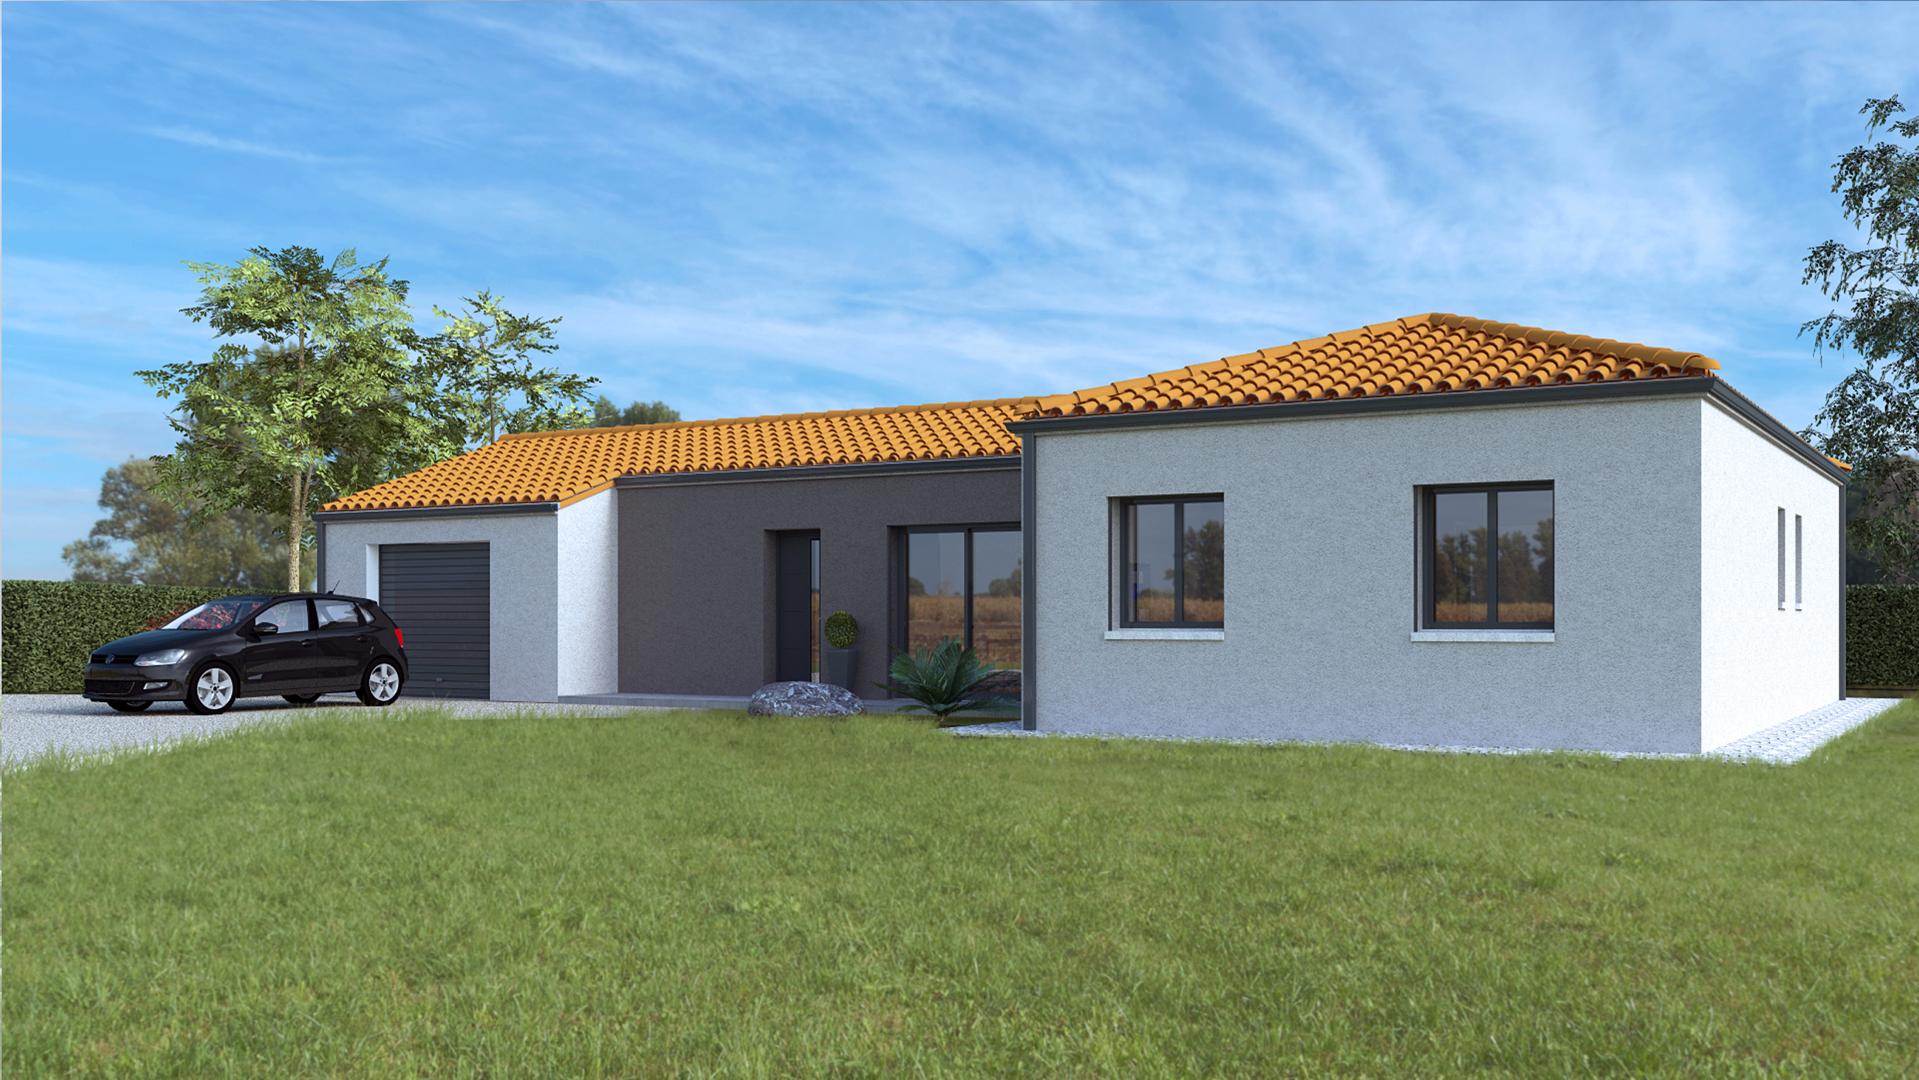 Porche D Entrée Maison Contemporaine maison moderne – 95m2 – urva habitat